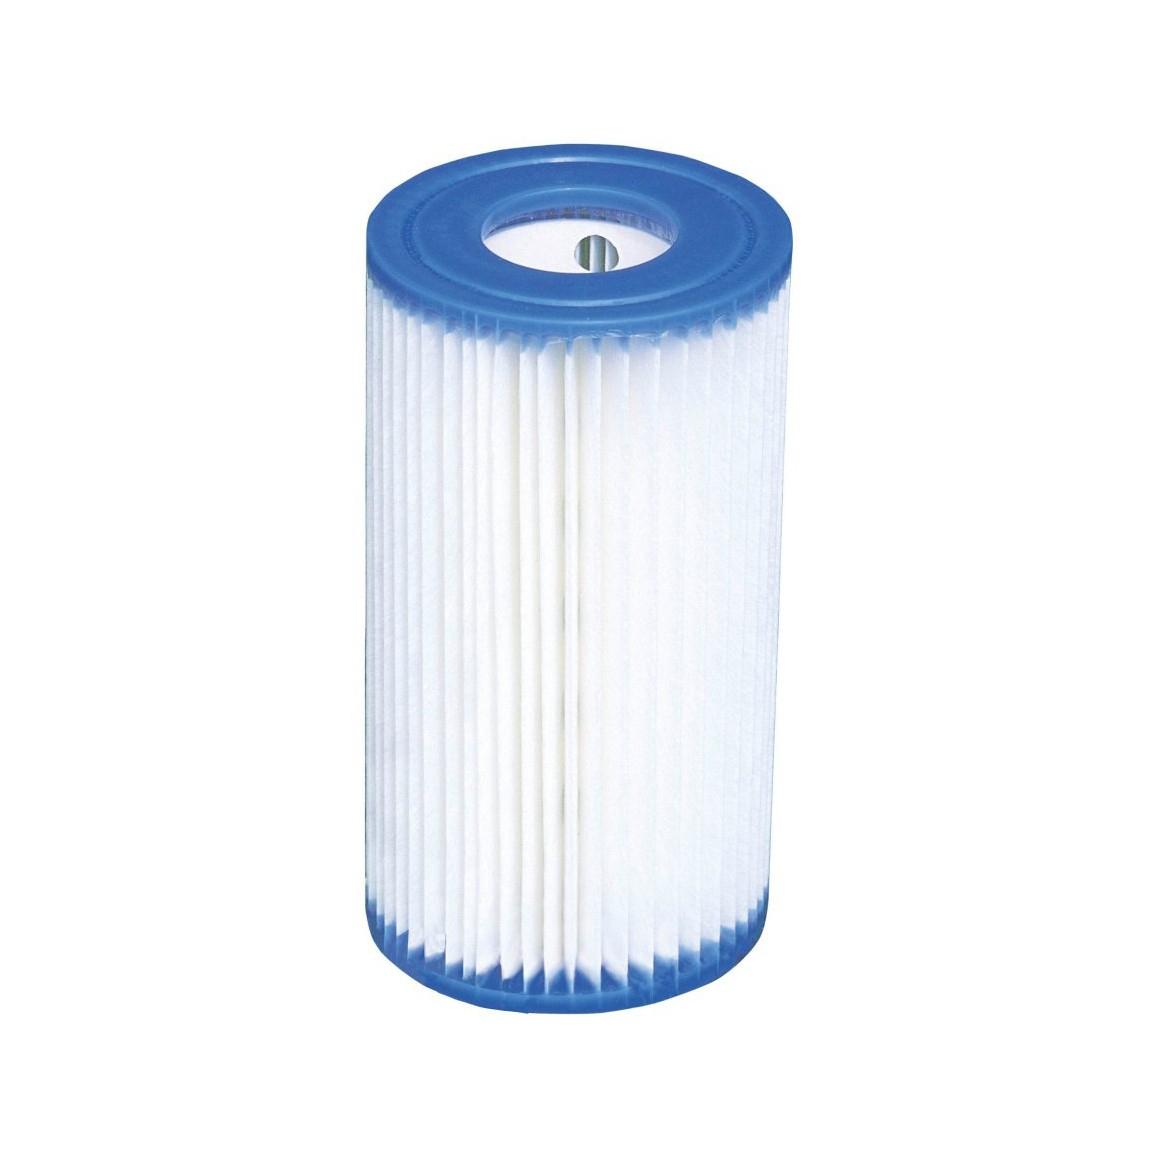 Cartus Filtru Tip A, Pentru Pompa Filtrare Apa Piscina, Intex 59900 à Filtre Pompe Piscine Intex